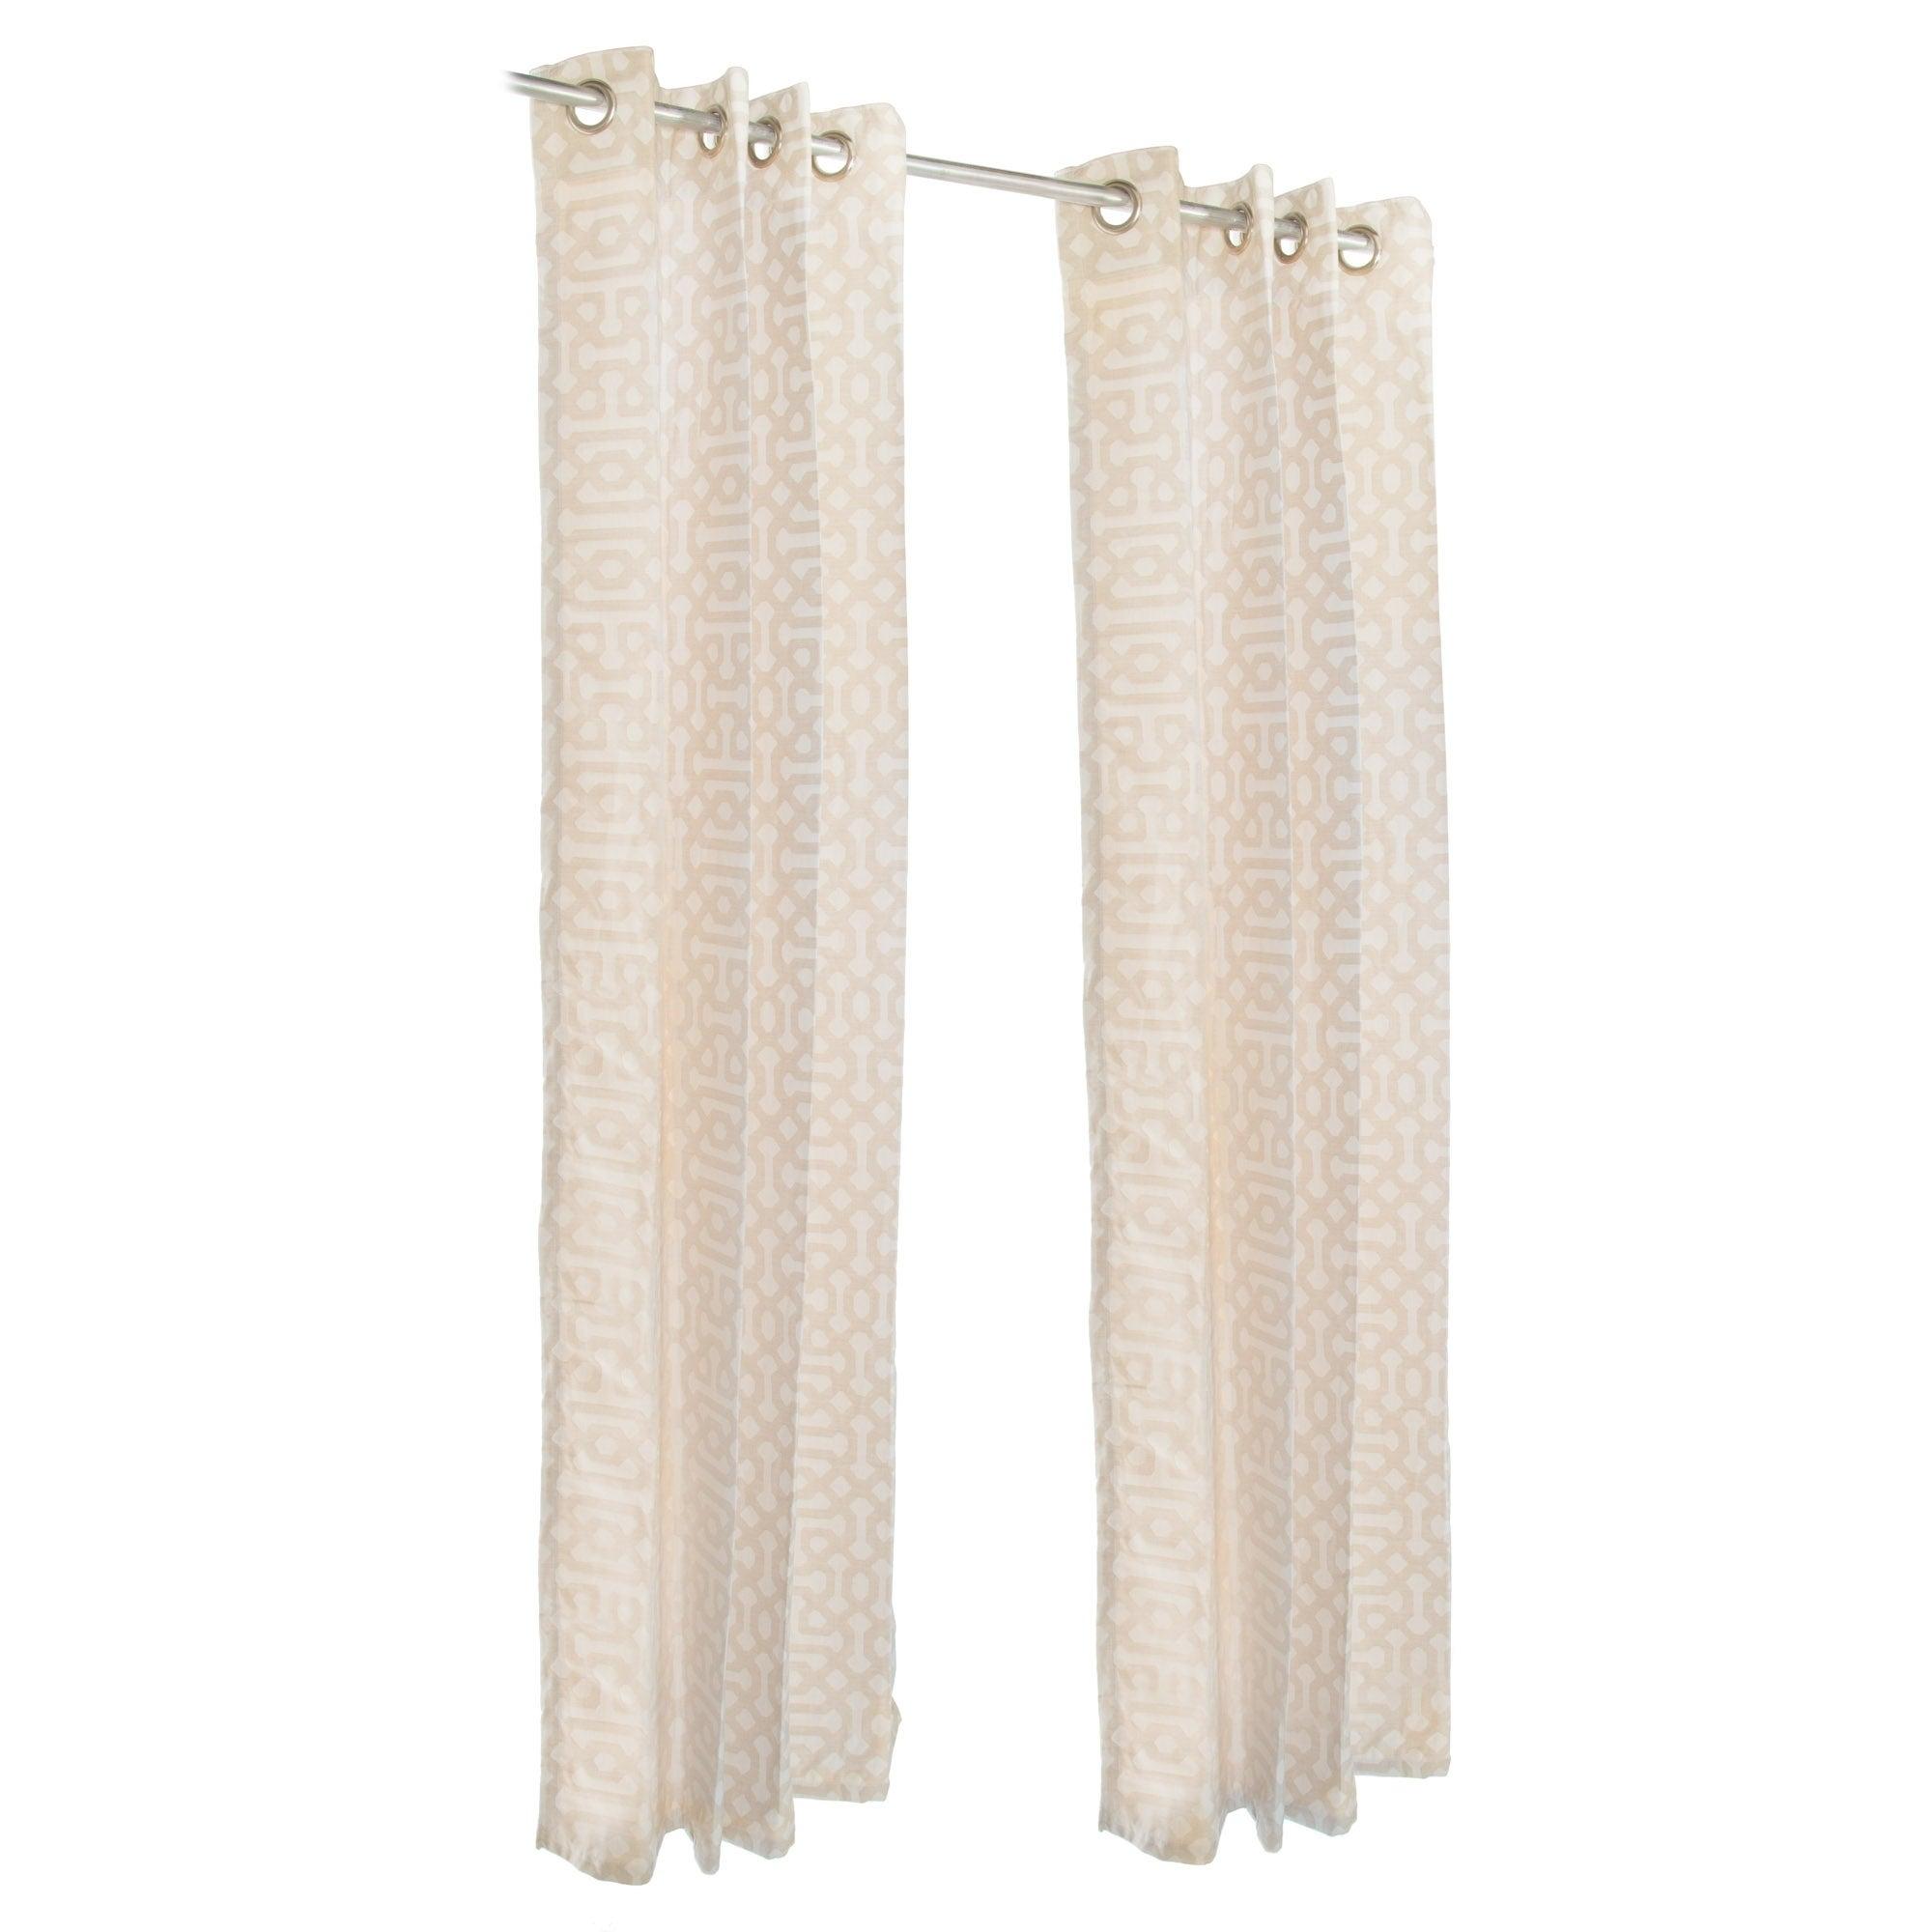 Pawleys Island Sunbrella Curtain - Fretwork Flax (120 Inc...